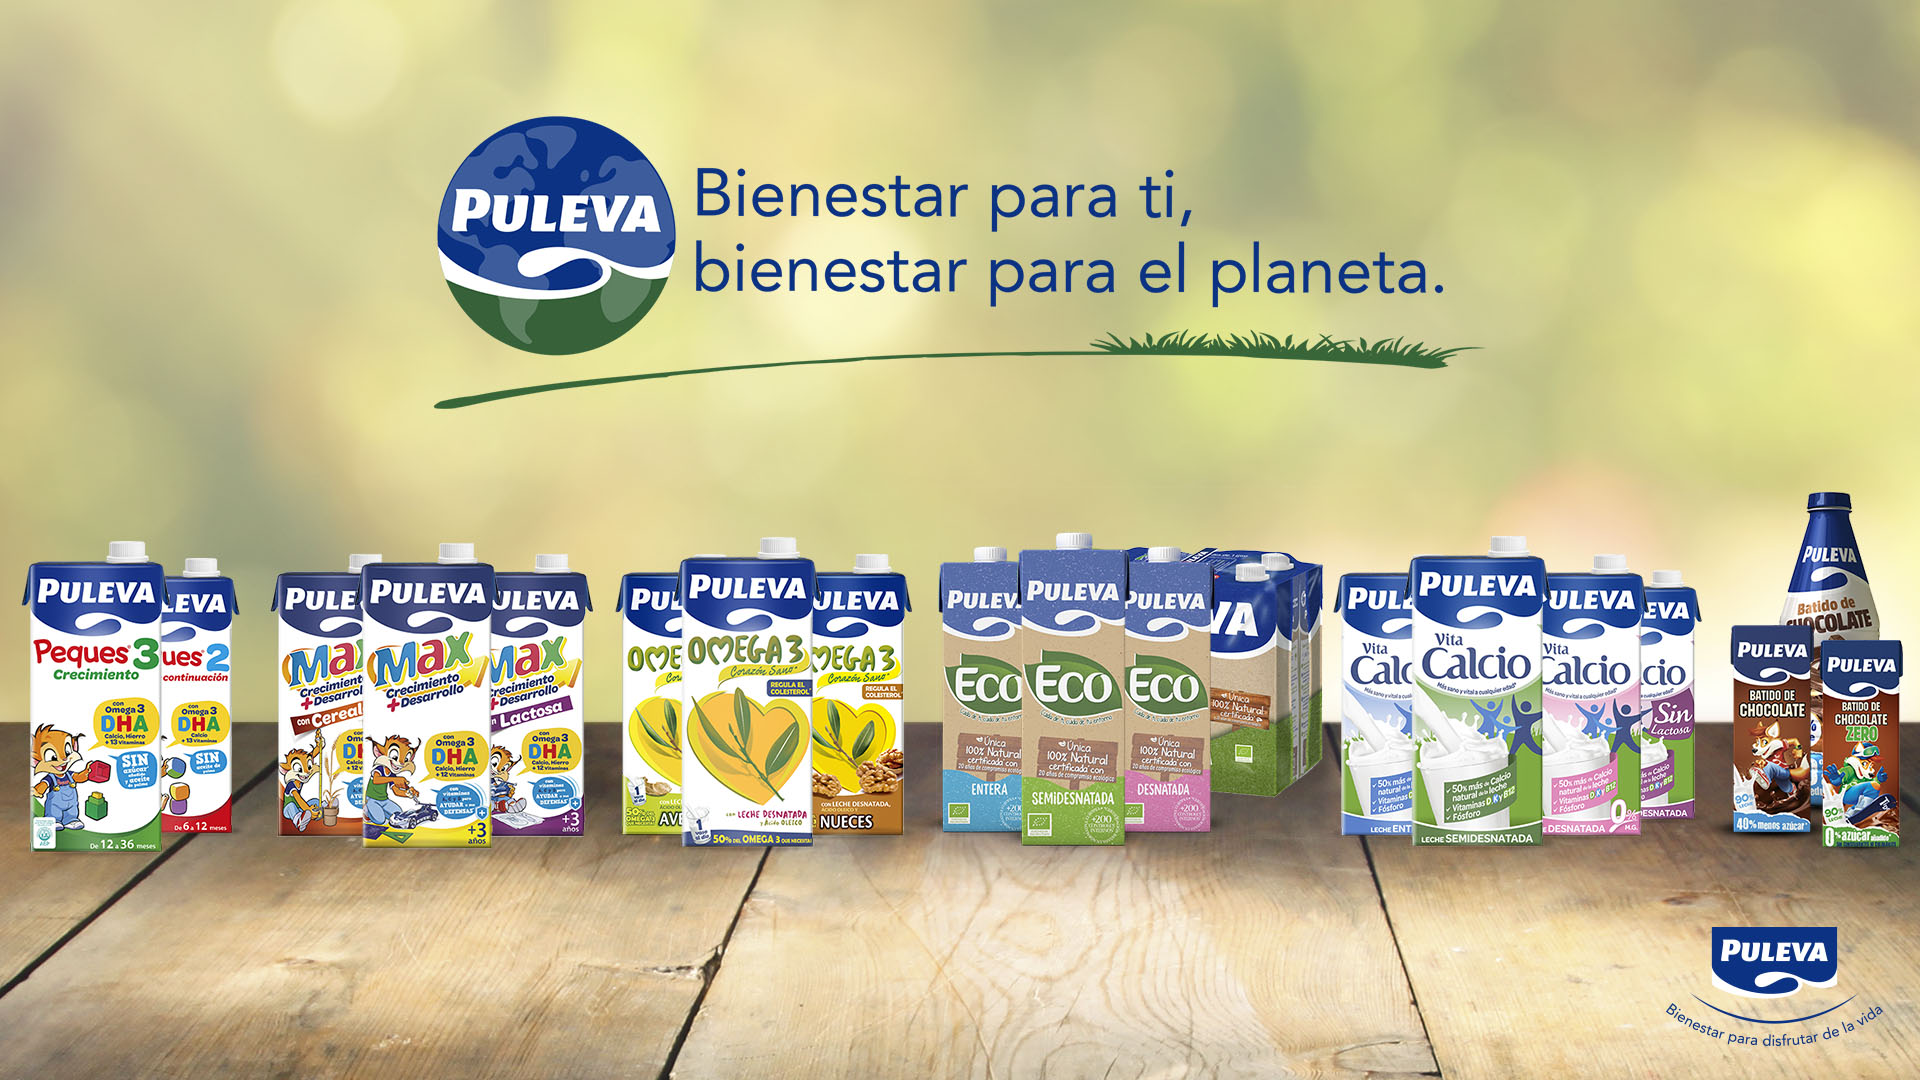 Puleva refuerza su compromiso con el medio ambiente a través de  nuevos envases y embalajes más sostenibles